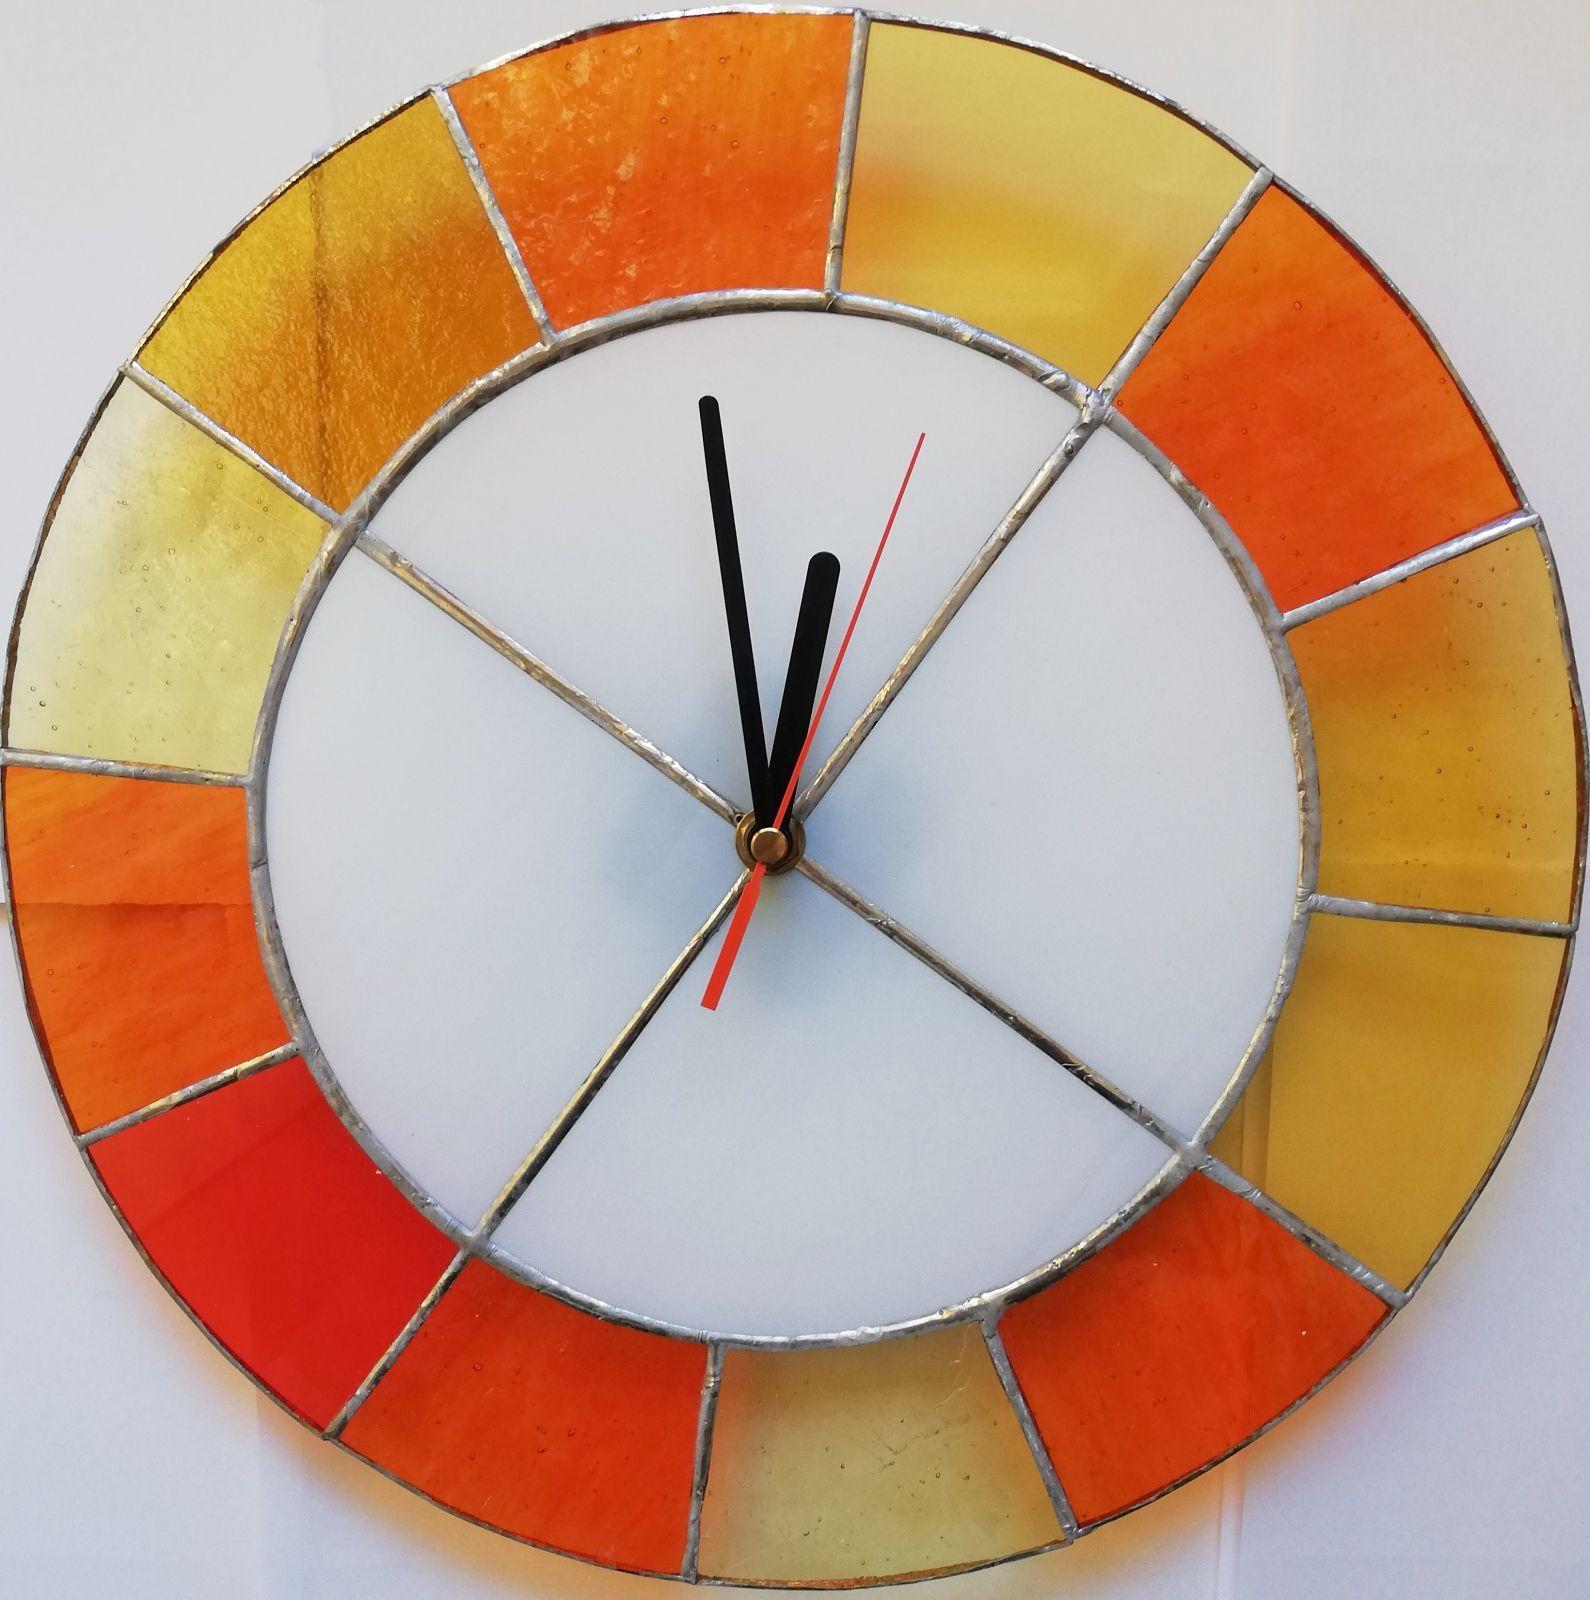 Skleněné hodiny na zeď kulaté hodiny vitráže - originální hodiny autorské hodiny Hodiny